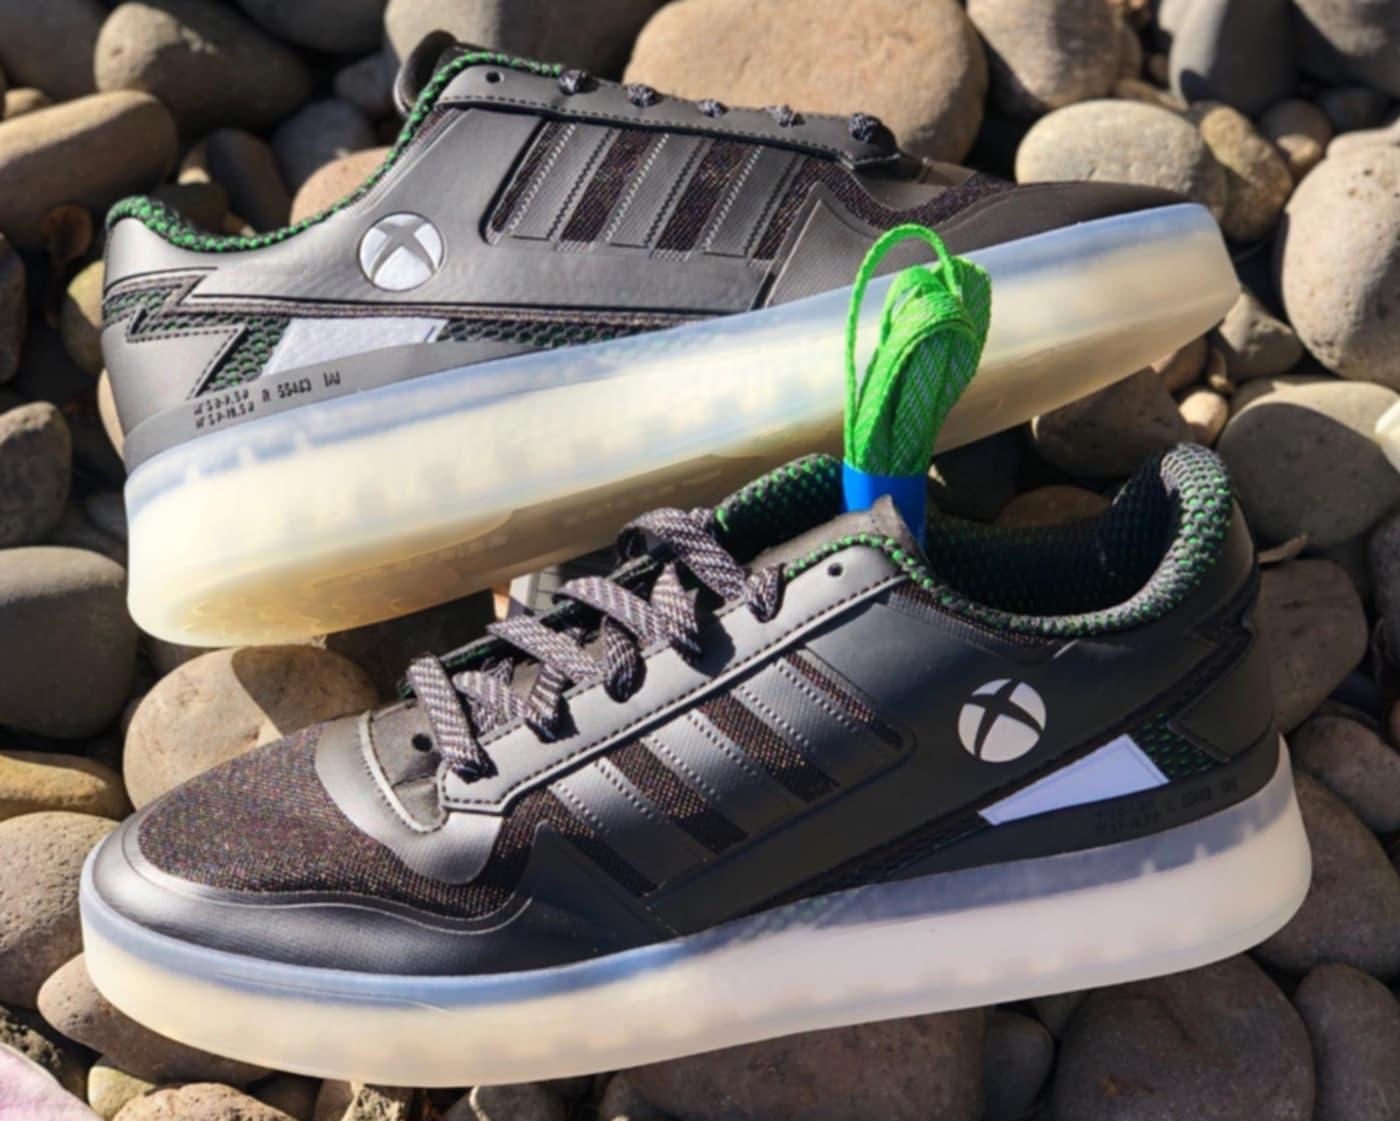 По стопам Nike и Sony: Microsoft вместе с Adidas выпустят кроссовки посвящённые Xbox